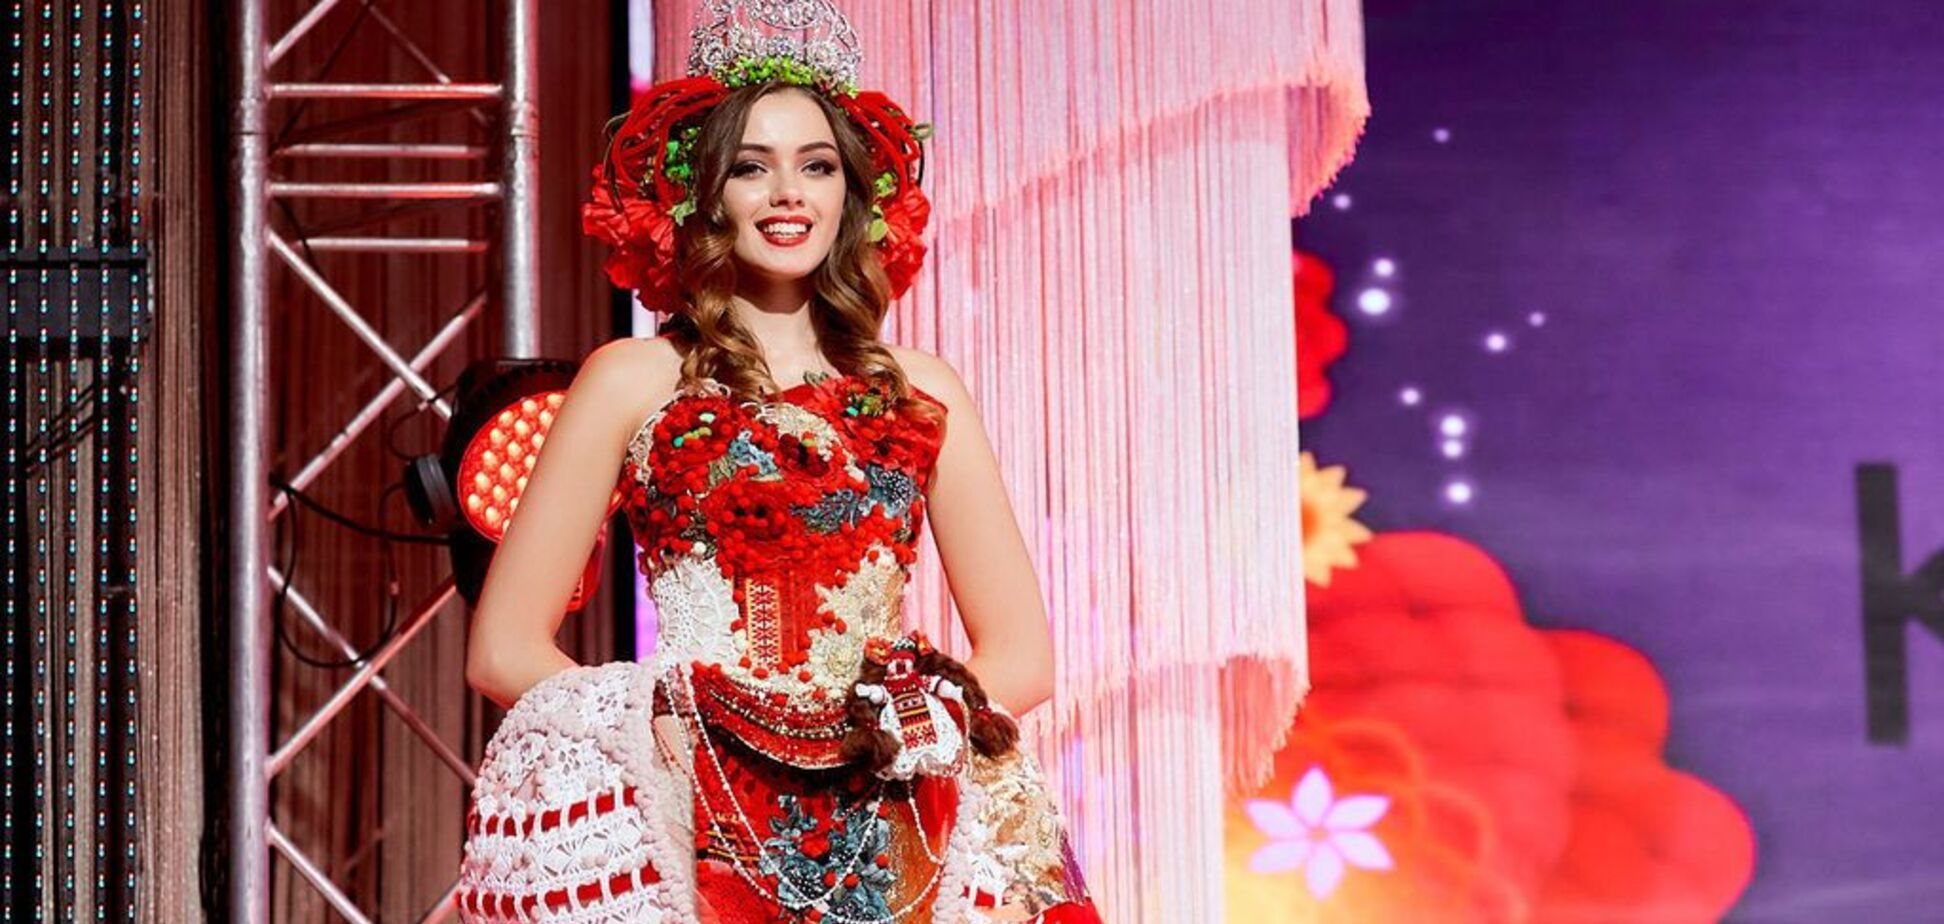 Українка виграла престижний міжнародний конкурс краси: фото красуні